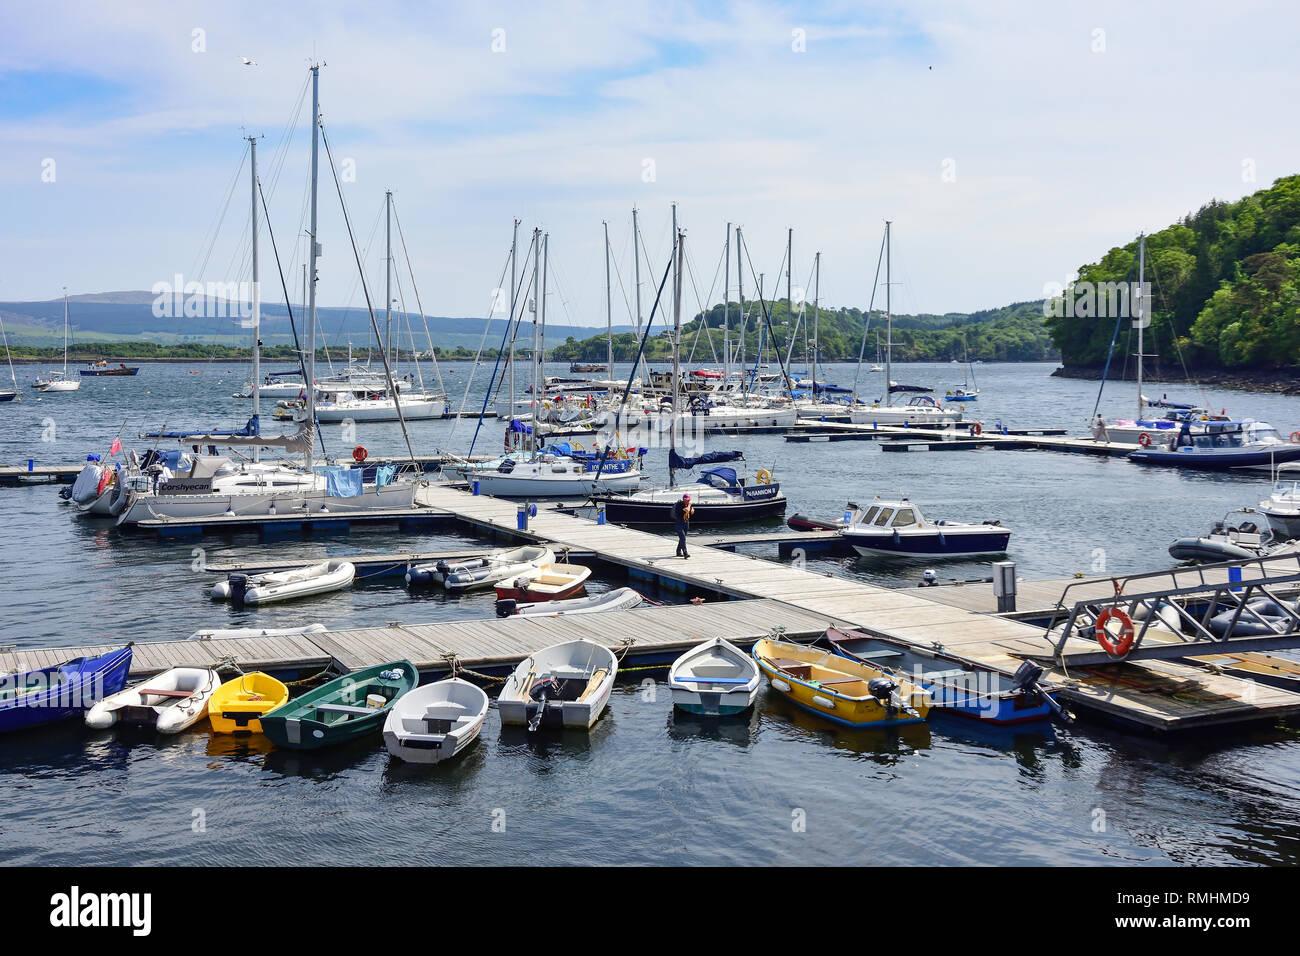 Boat marina, Tobermory, Isle of Bute, Inner Hebrides, Argyll and Bute, Scotland, United Kingdom - Stock Image